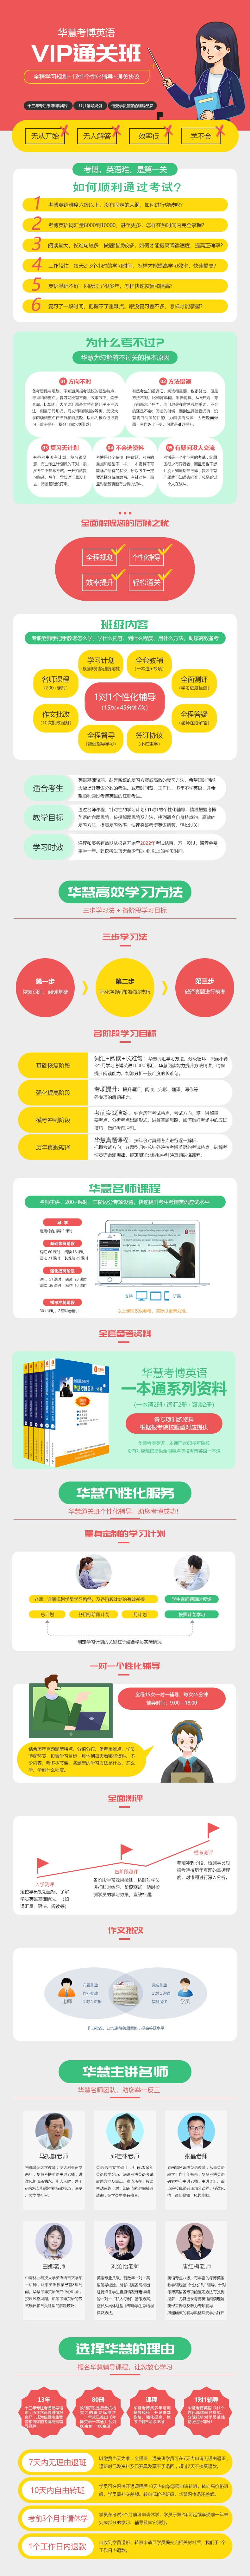 2022年华中科技大学考博英语VIP通关班【直播+录播】 -1对1个性化辅导(15次)